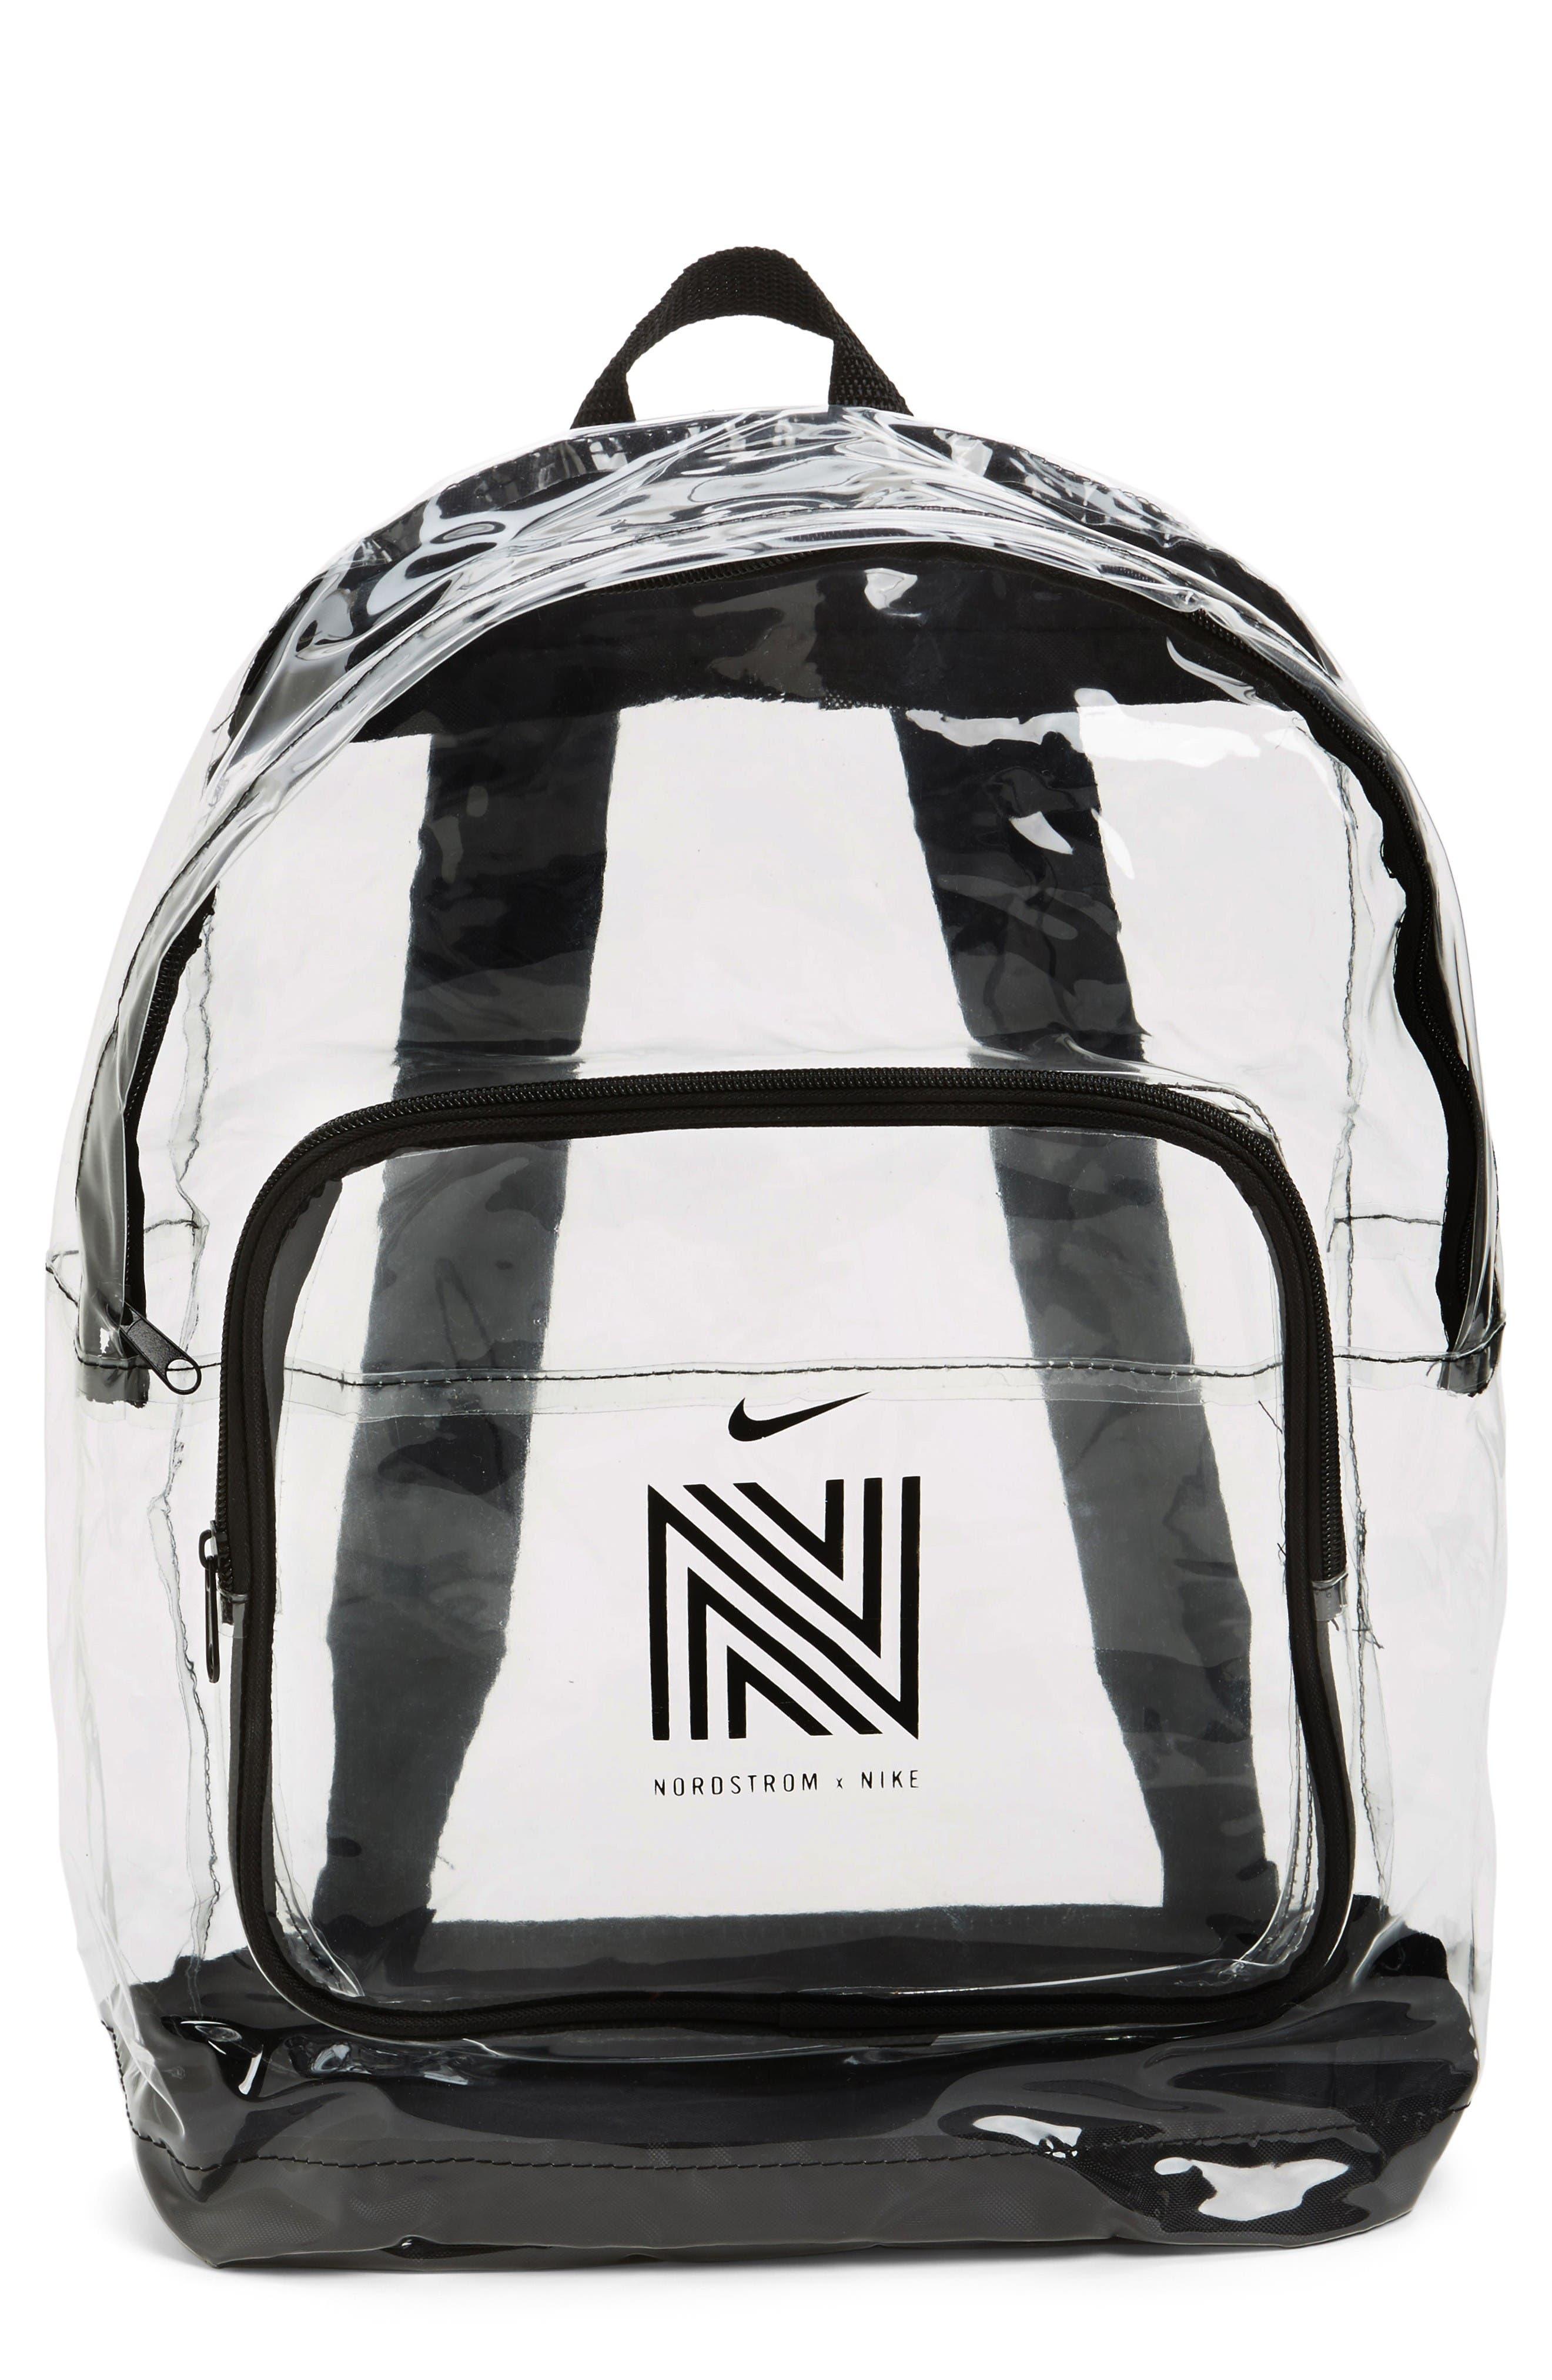 Alternate Image 1 Selected - Nordstrom x Nike Translucent Backpack